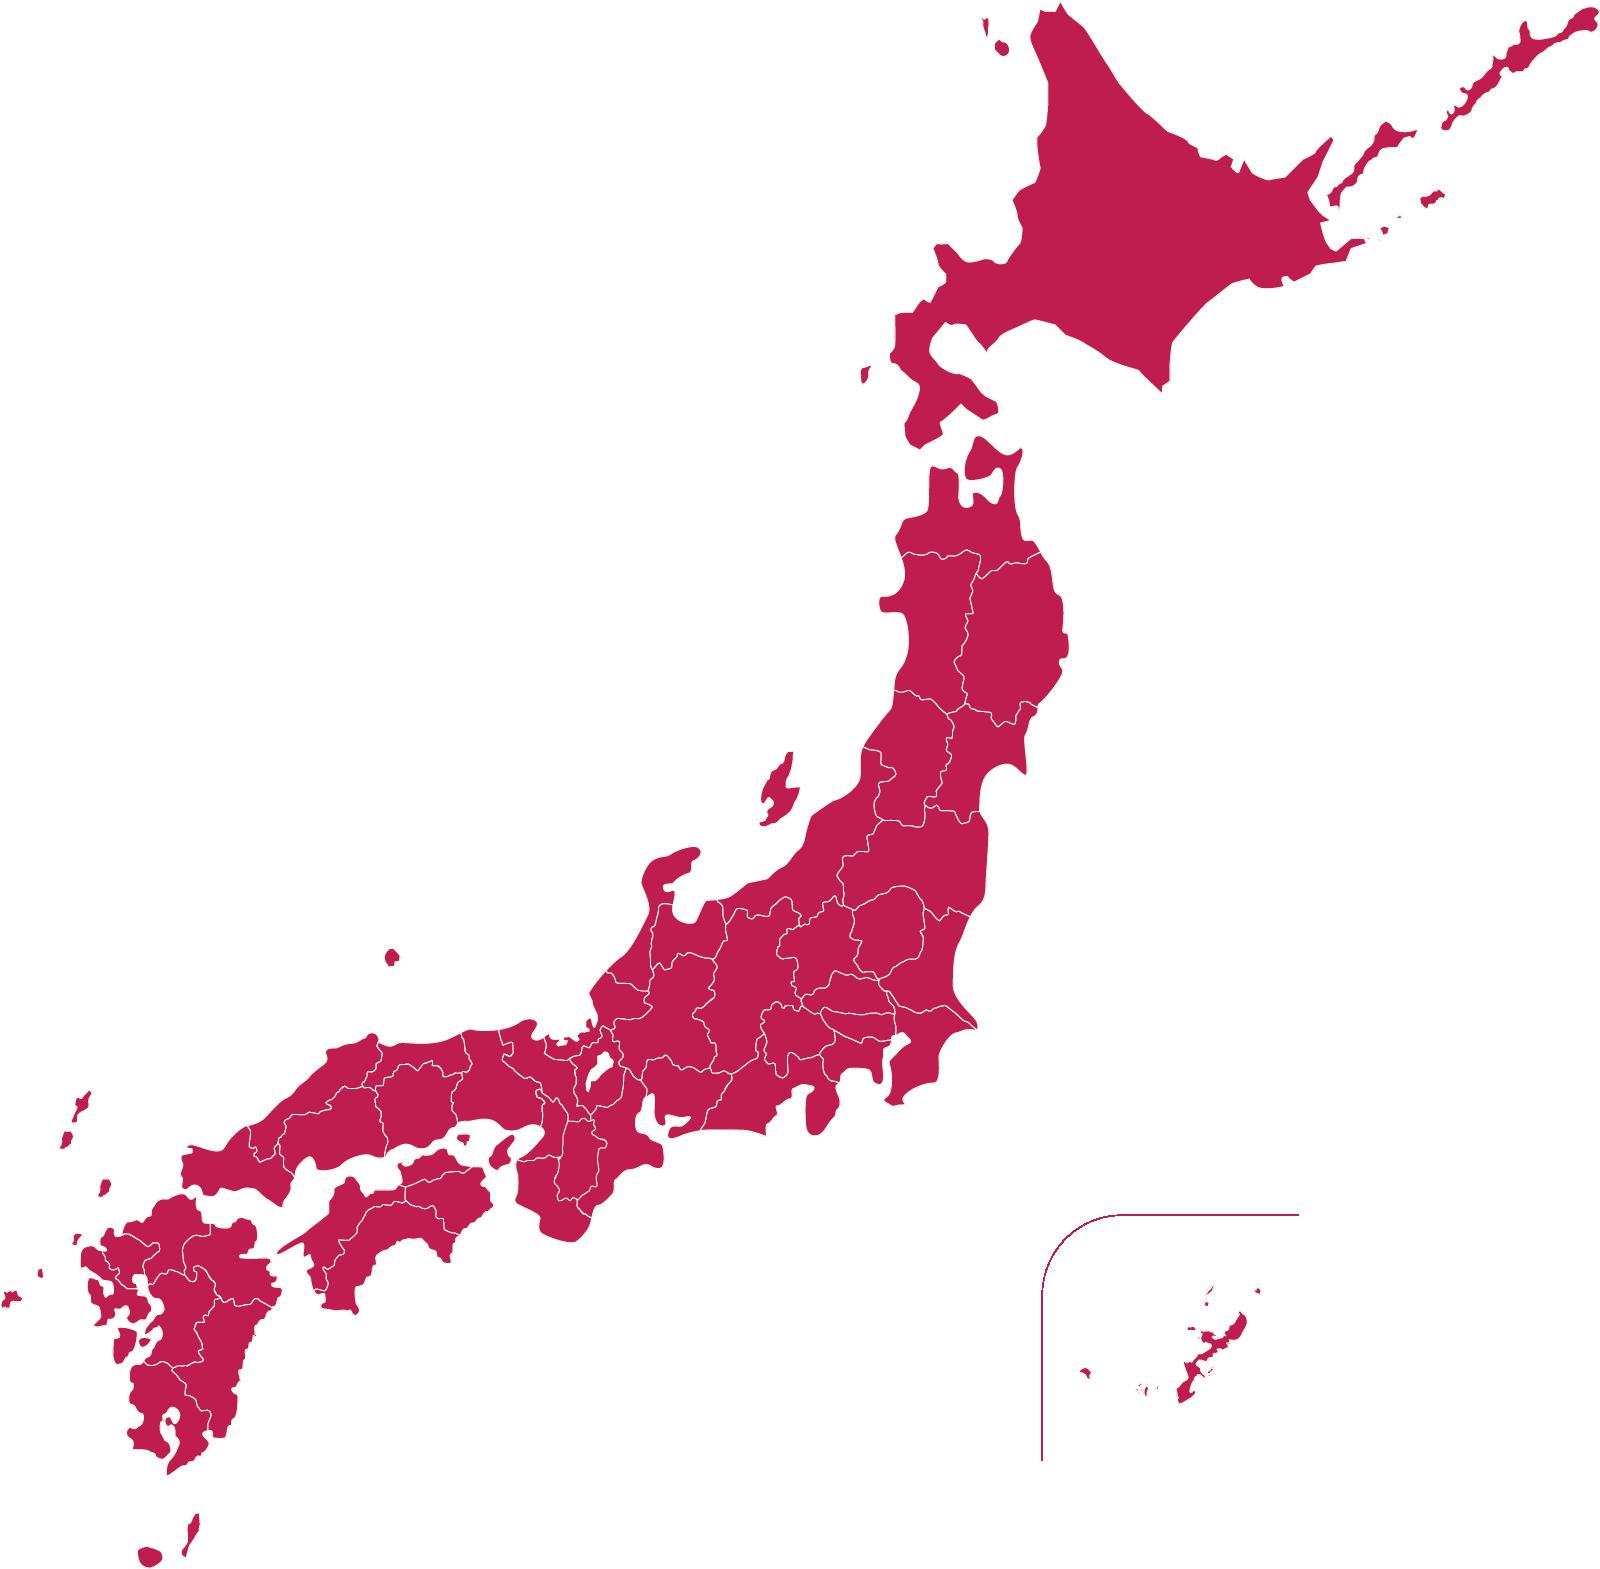 日本地図のイラスト(赤紫色)